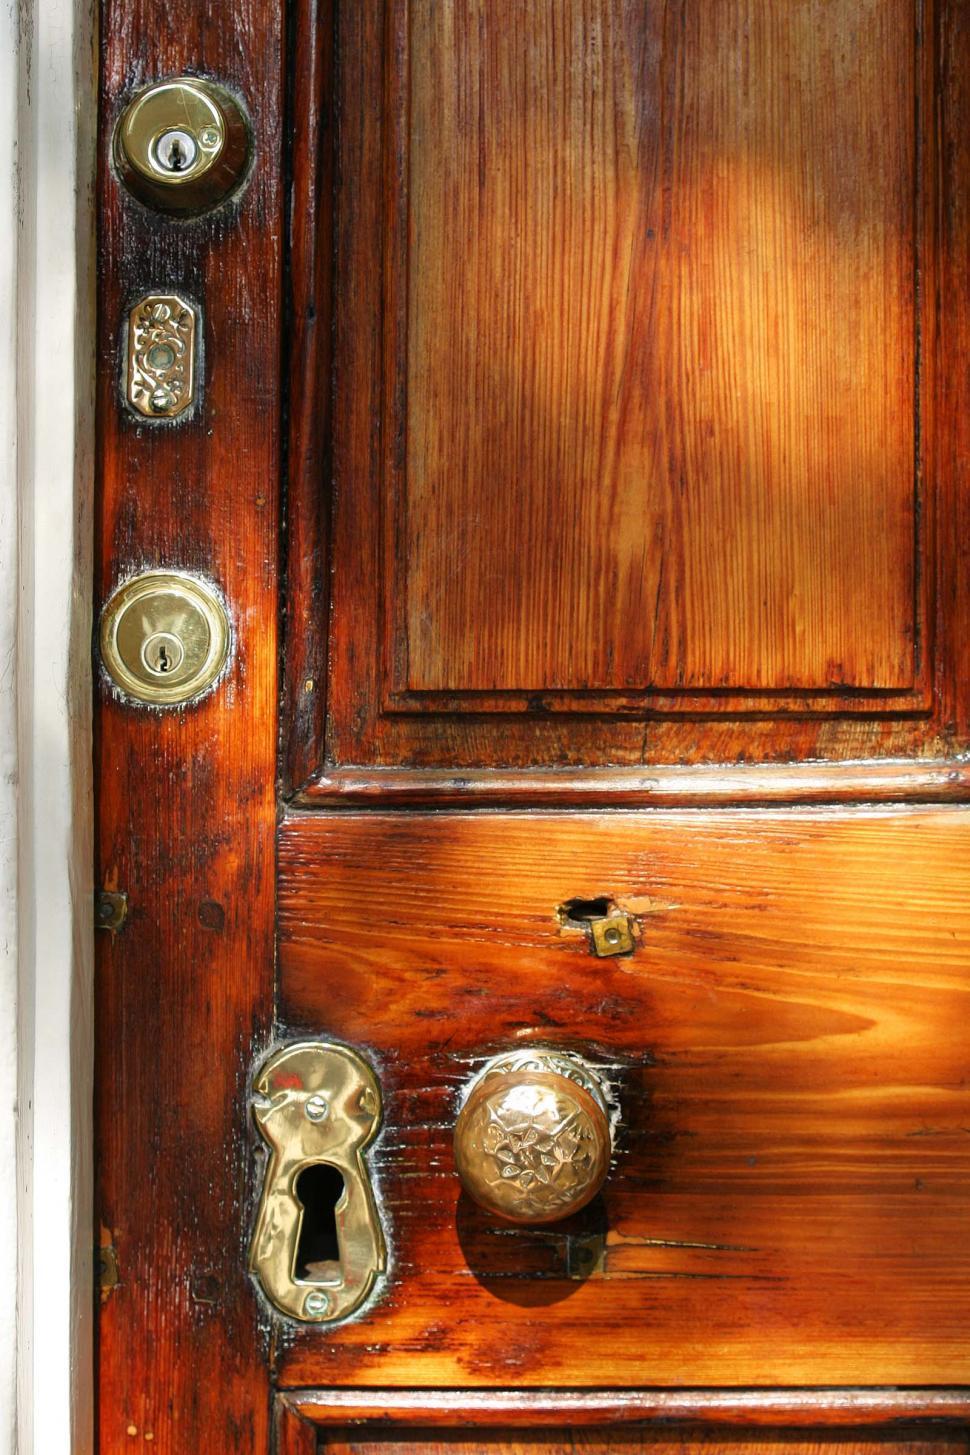 Download Free Stock HD Photo of door and old doorknob Online